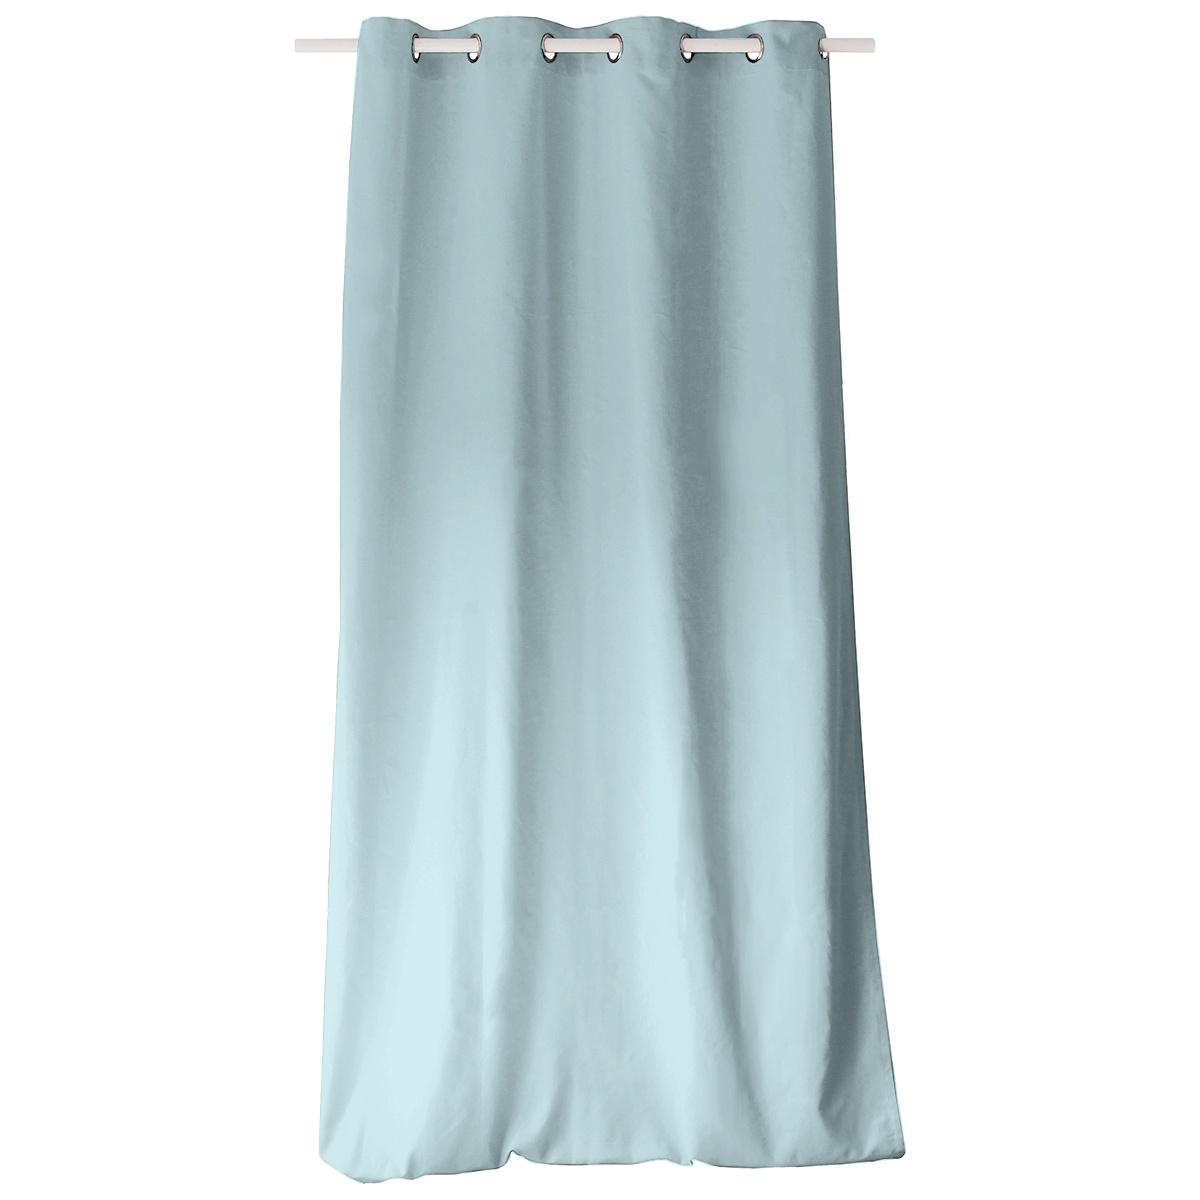 rideau color en pur coton 8 illets bleu gris fuschia. Black Bedroom Furniture Sets. Home Design Ideas